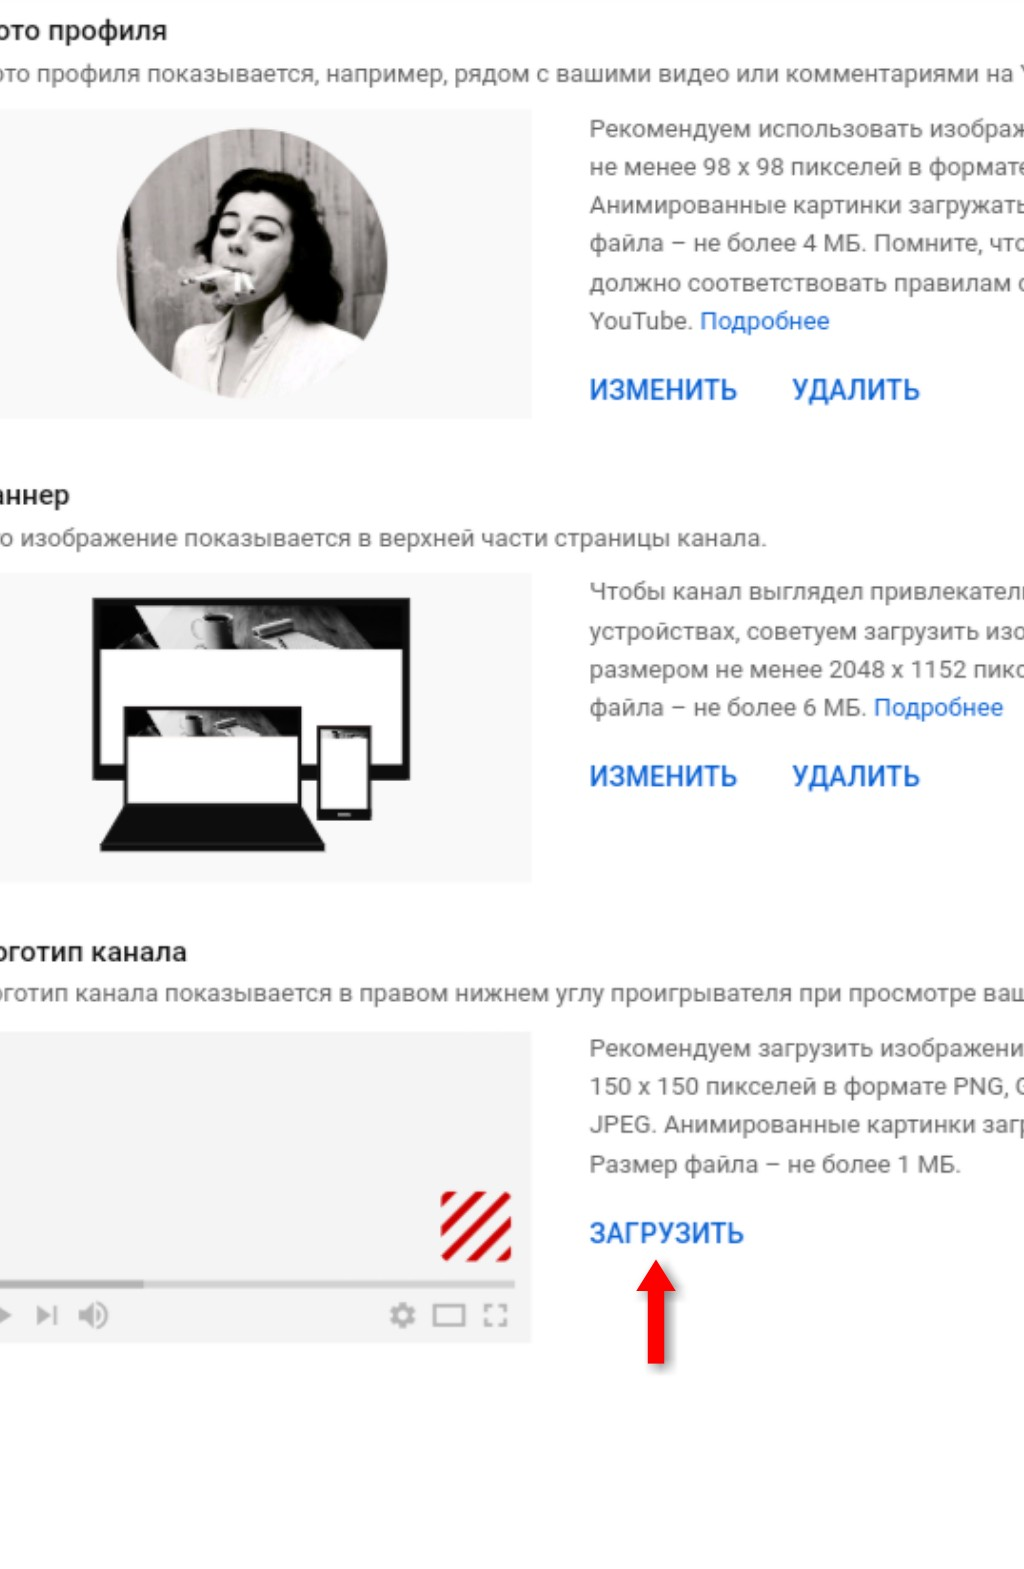 InFrame_1629674919453.jpg